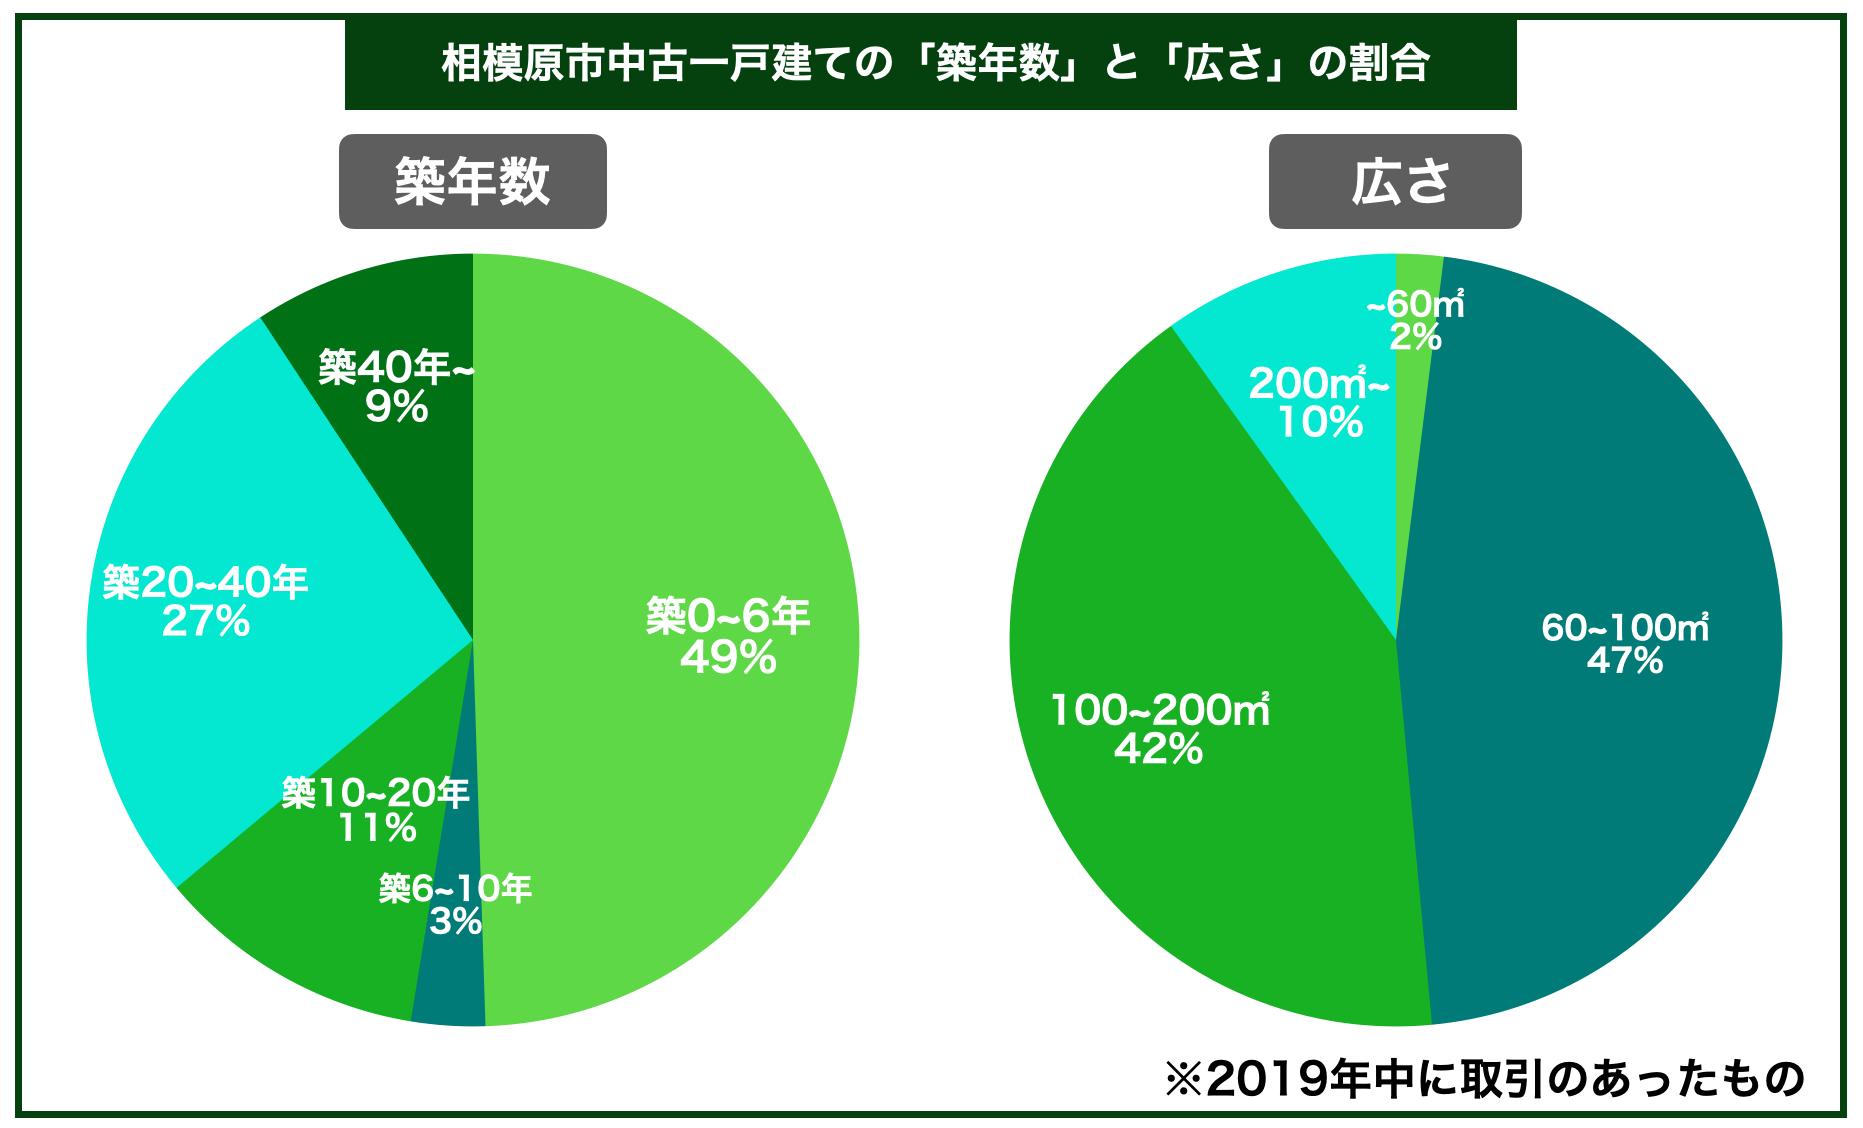 相模原市中古一戸建ての平均築年数と広さの割合